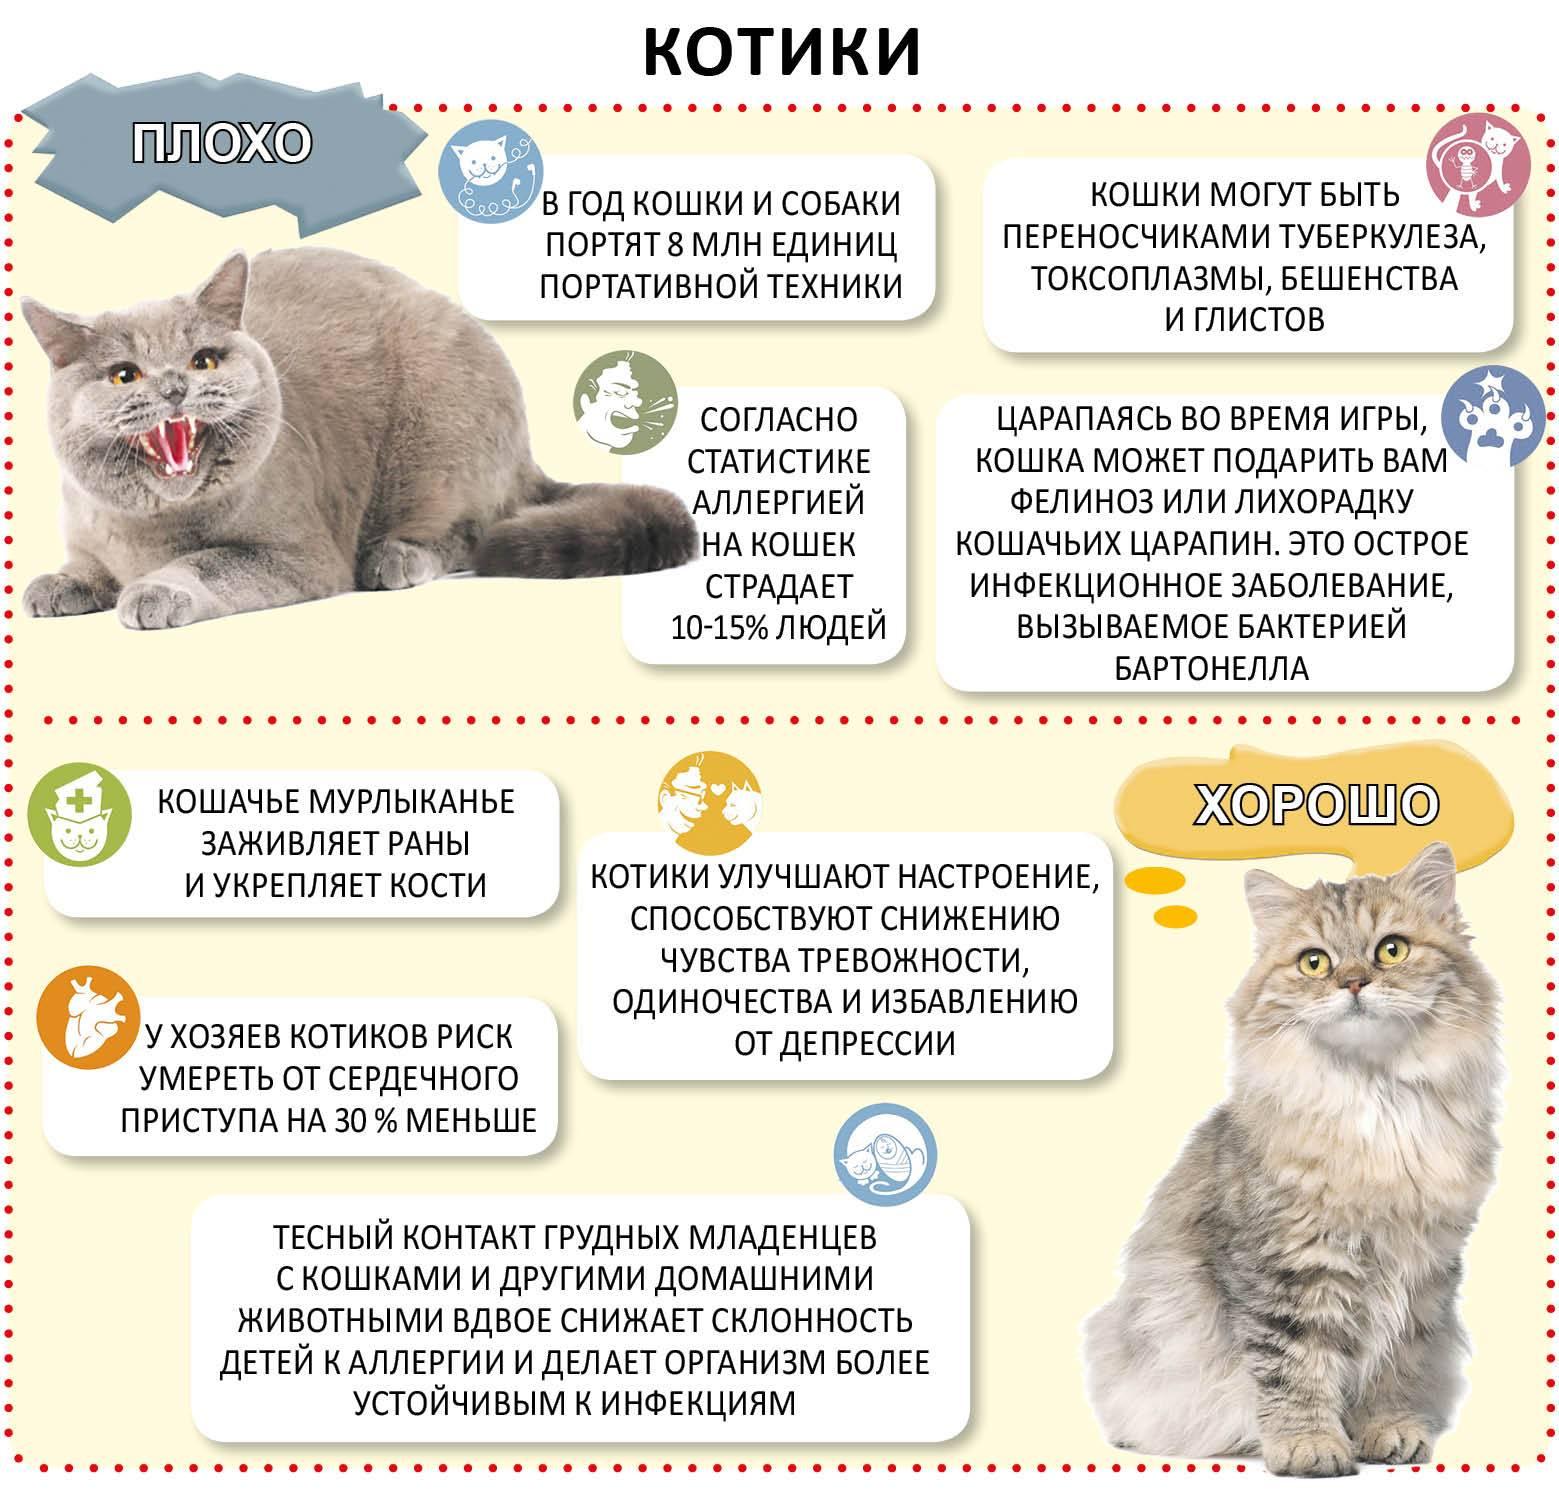 Простые и полезные советы, как дать коту таблетку